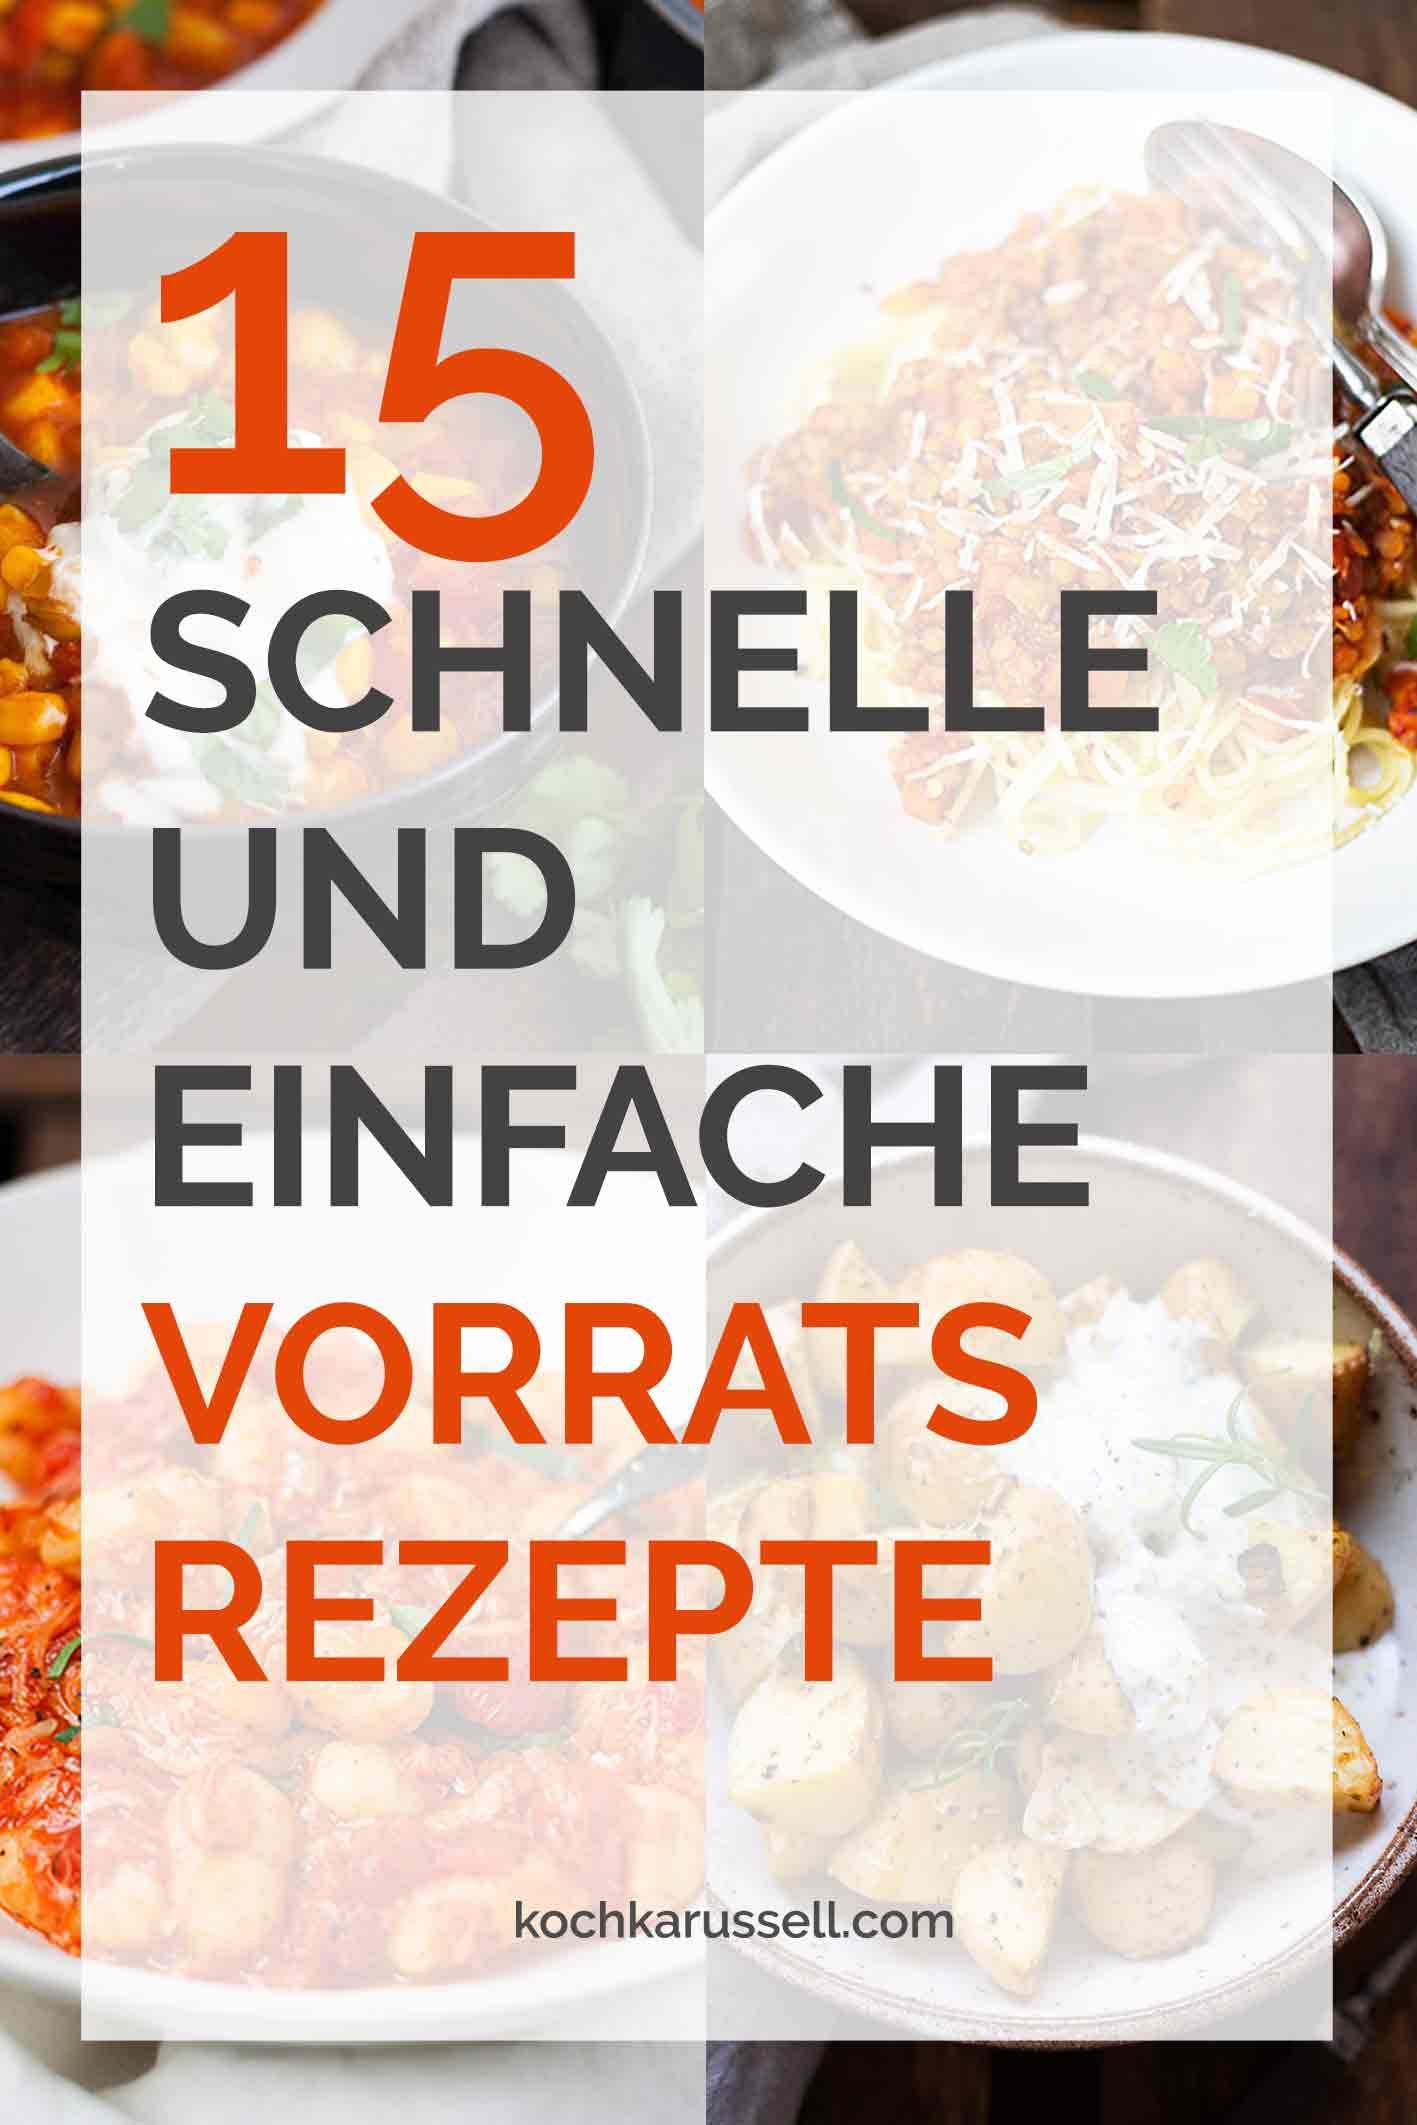 15 schnelle und einfache Vorratskammer-Rezepte. - Kochkarussell.com #rezepte #schnellundeinfach #feierabendküche